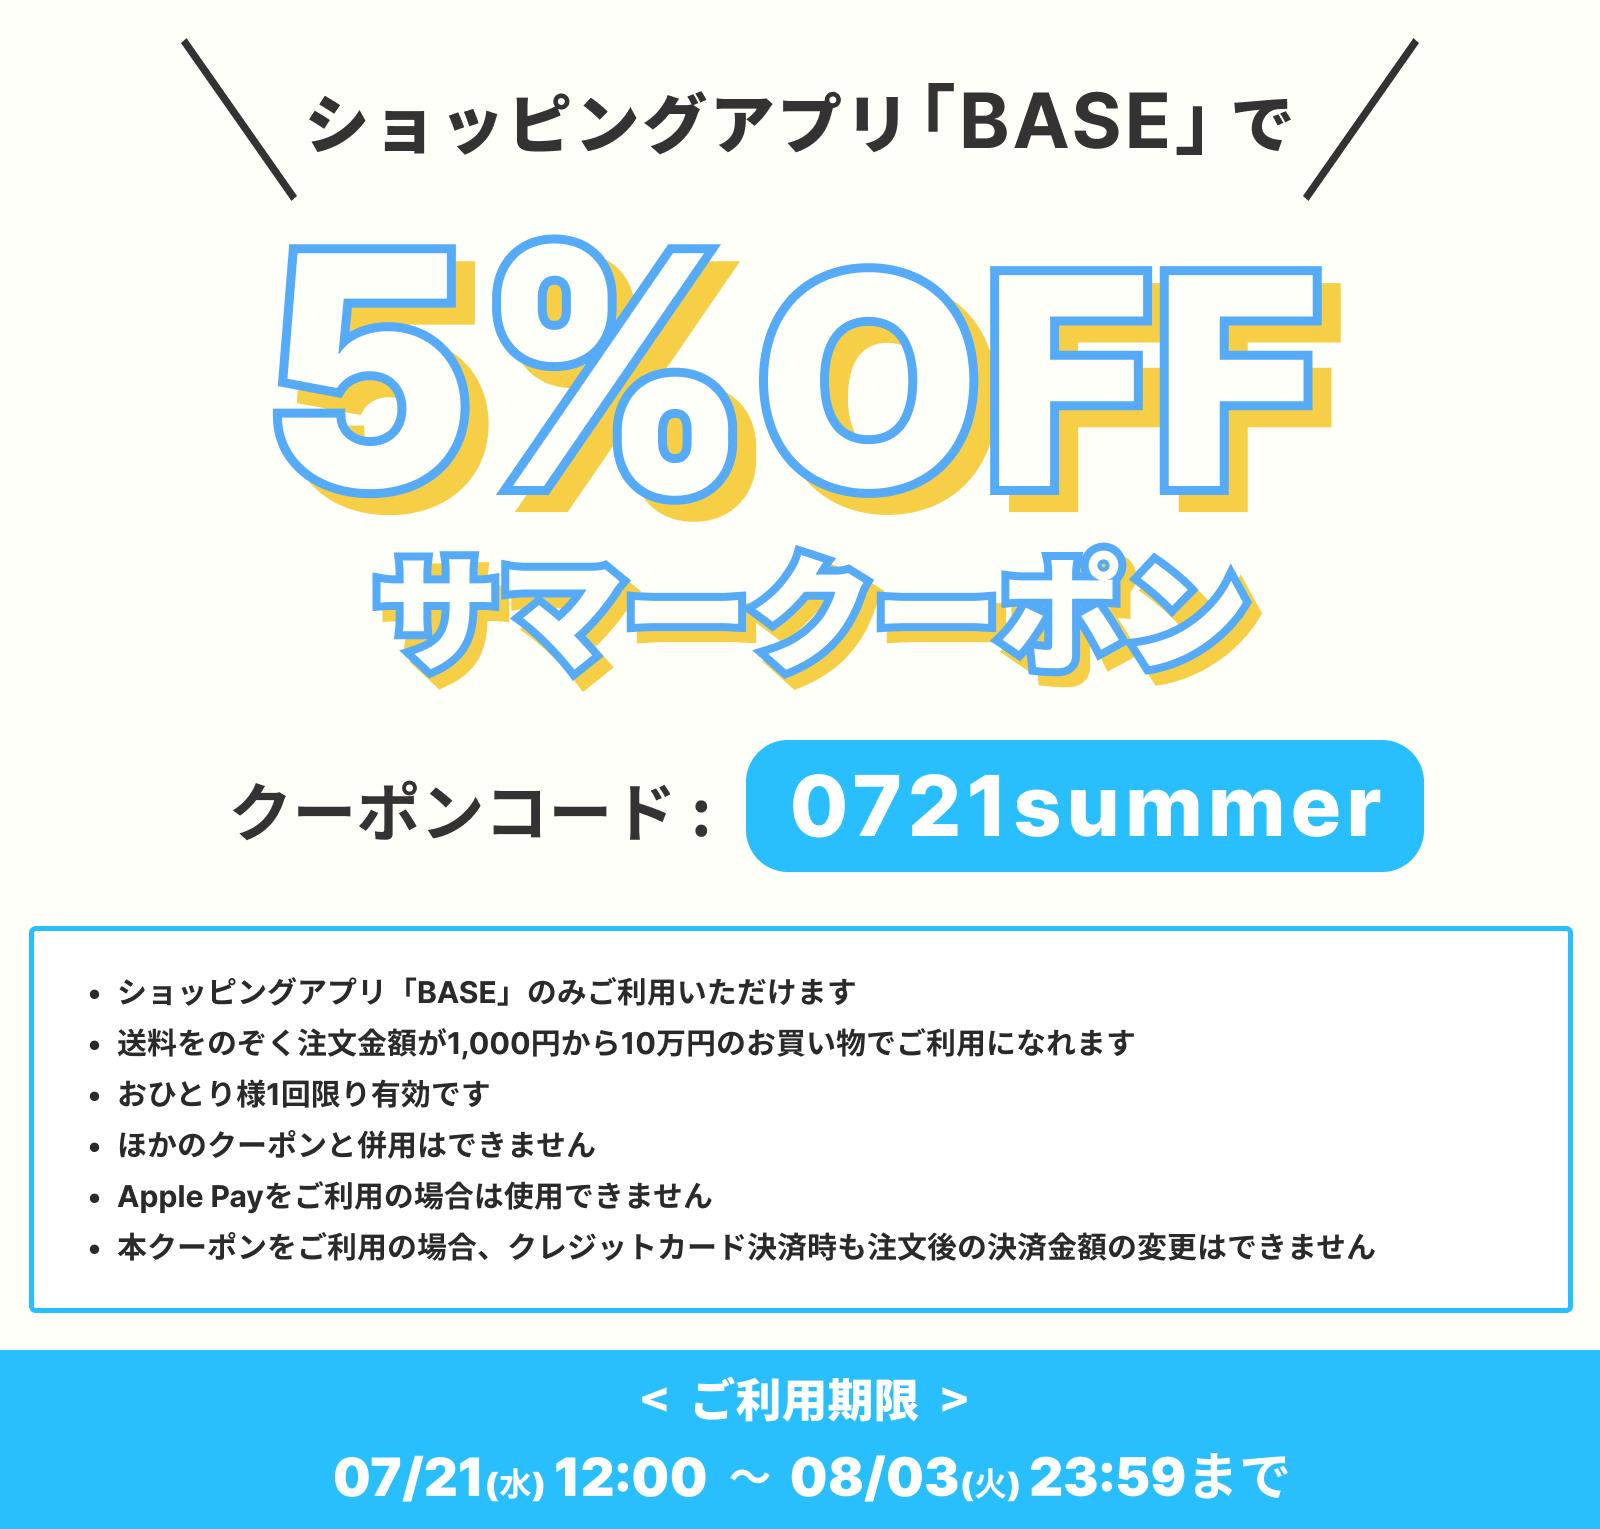 明日から5%OFF!サマークーポンキャンペーン開催☆